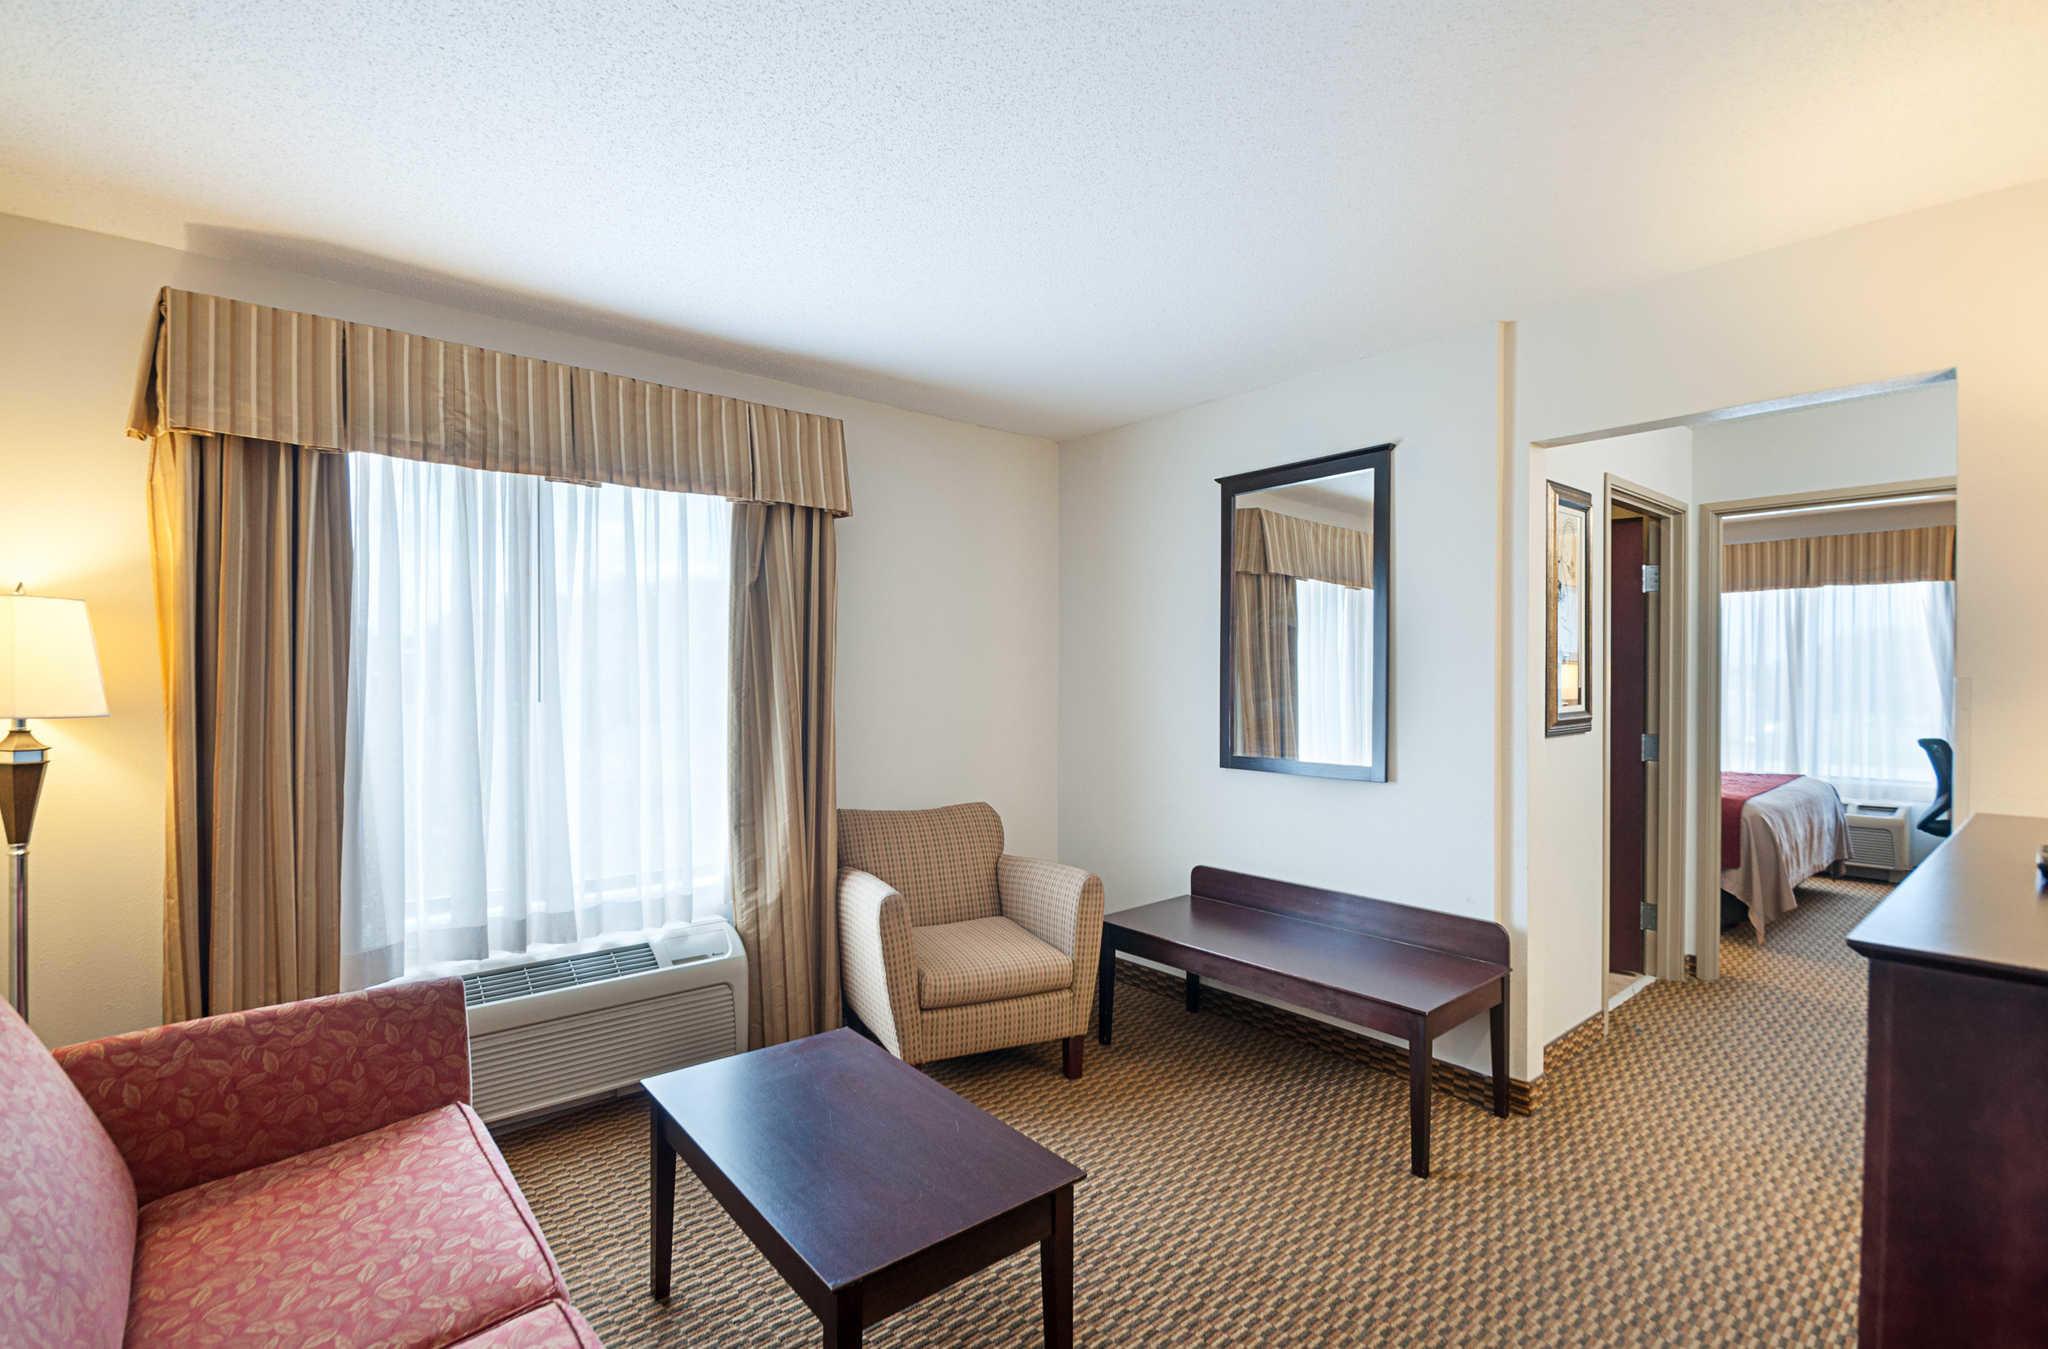 Comfort Inn & Suites Cambridge image 20